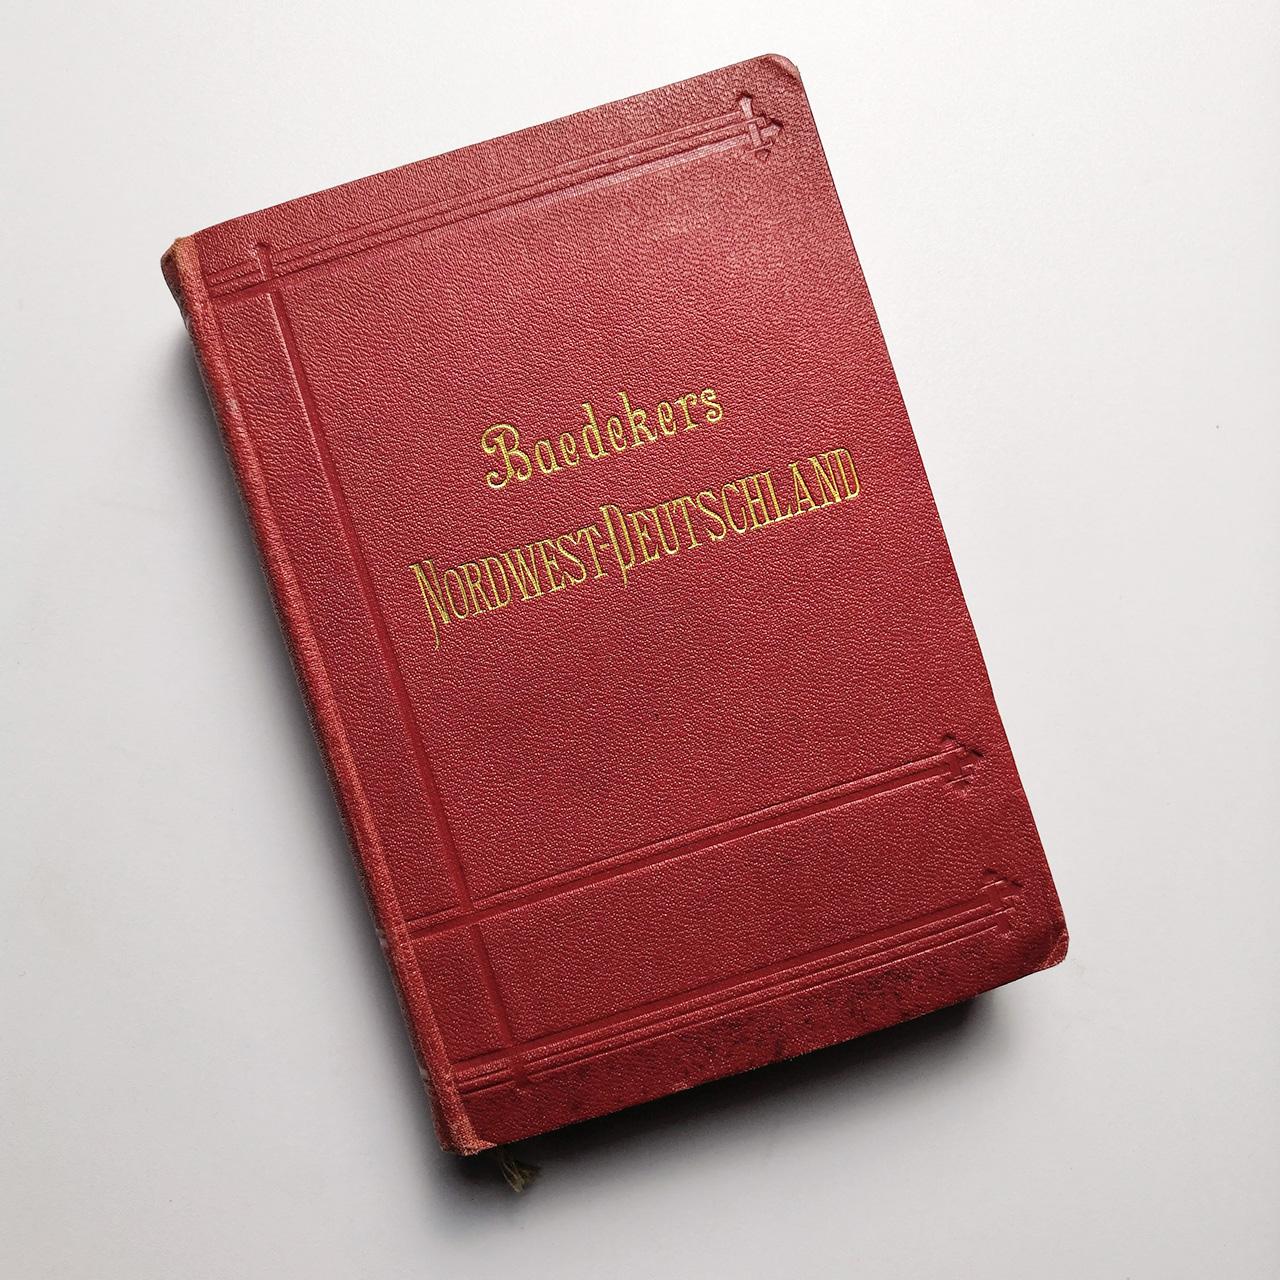 Reisen mit dem Baedeker: Oldenburg